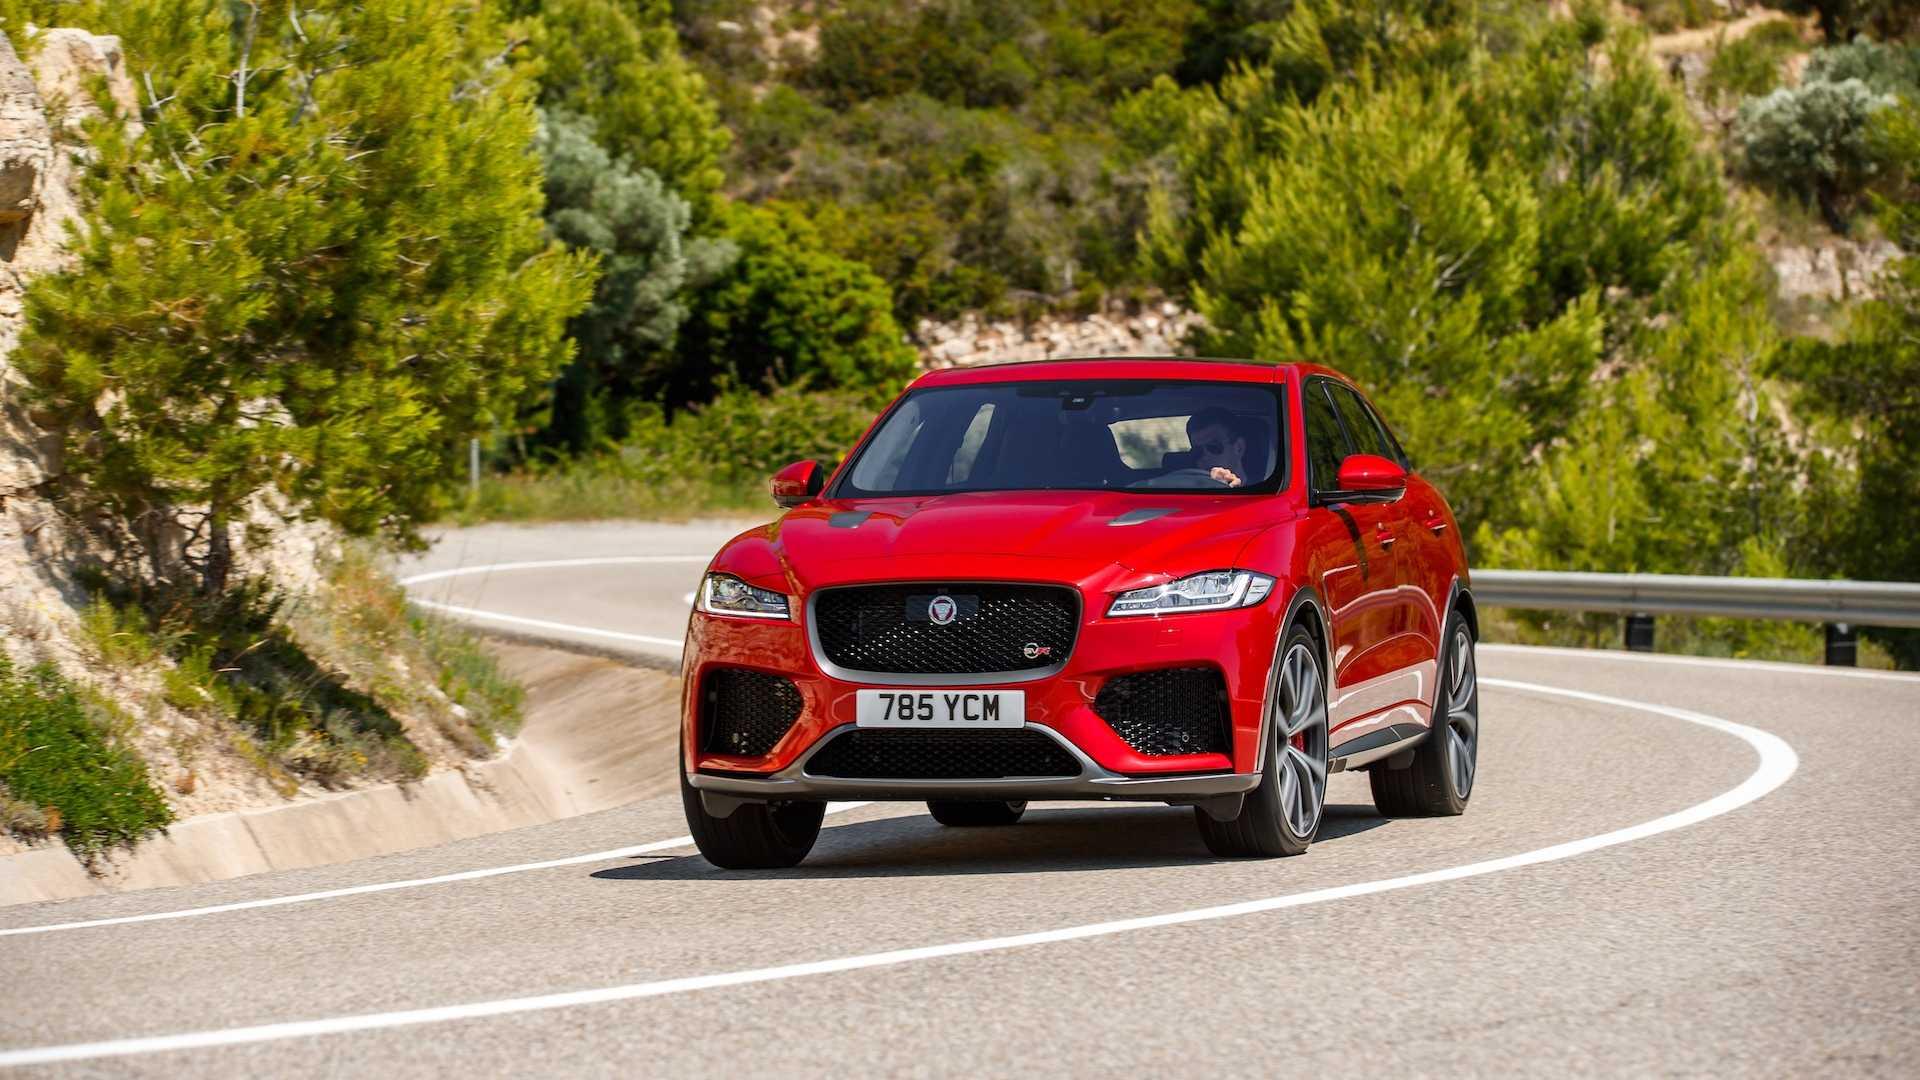 2019 Jaguar F-Pace SVR (Color: Firenze Red) Front Wallpaper (15)